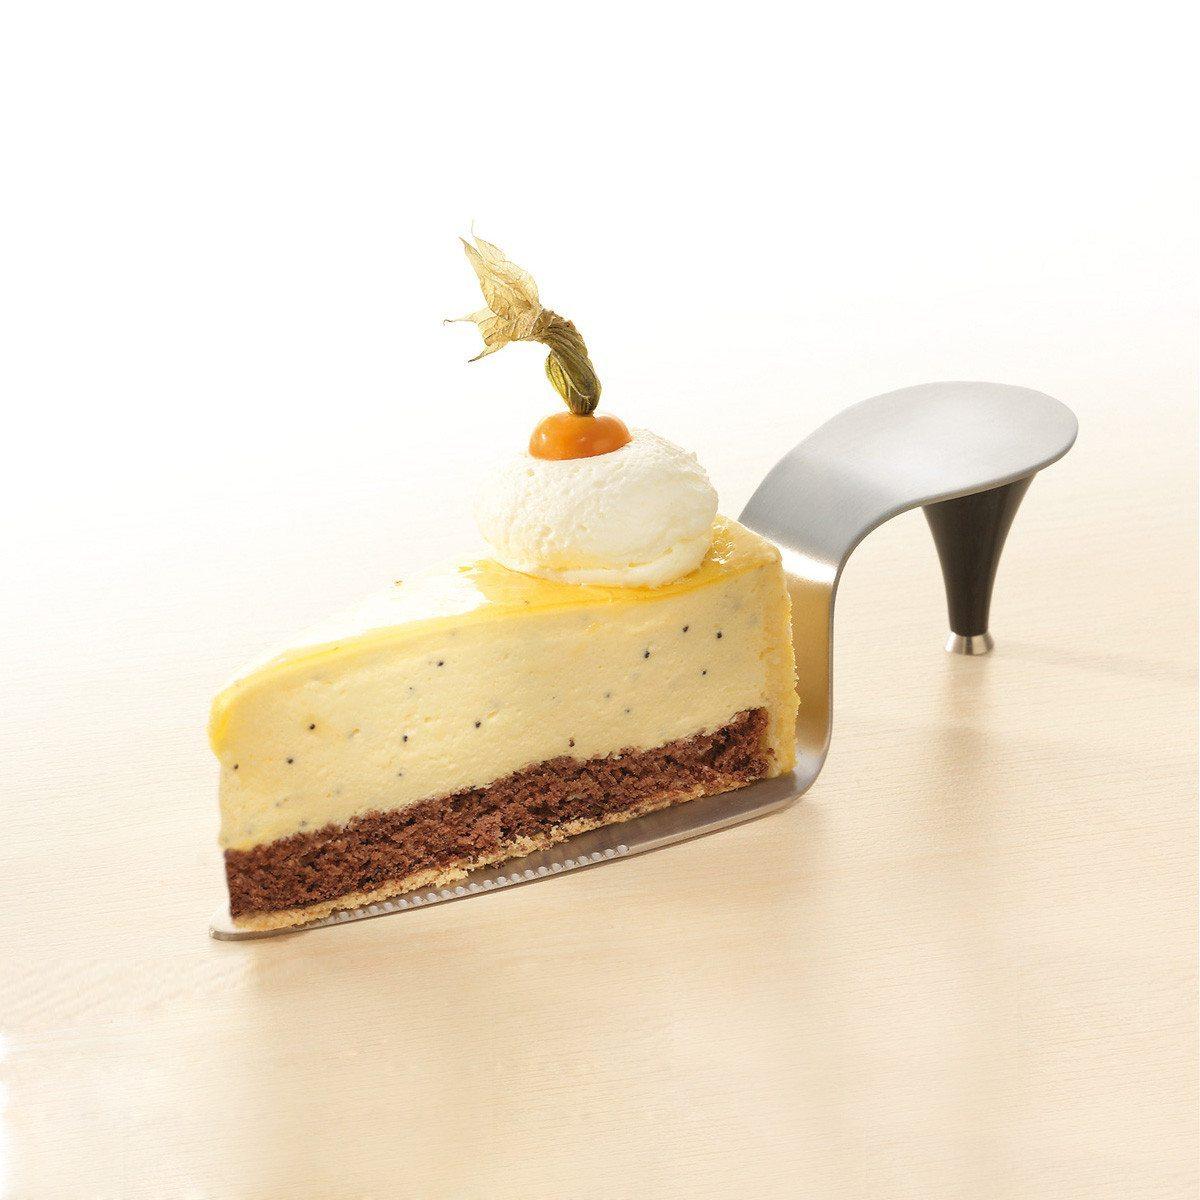 El tacón para pasteles perfecto para reposteras